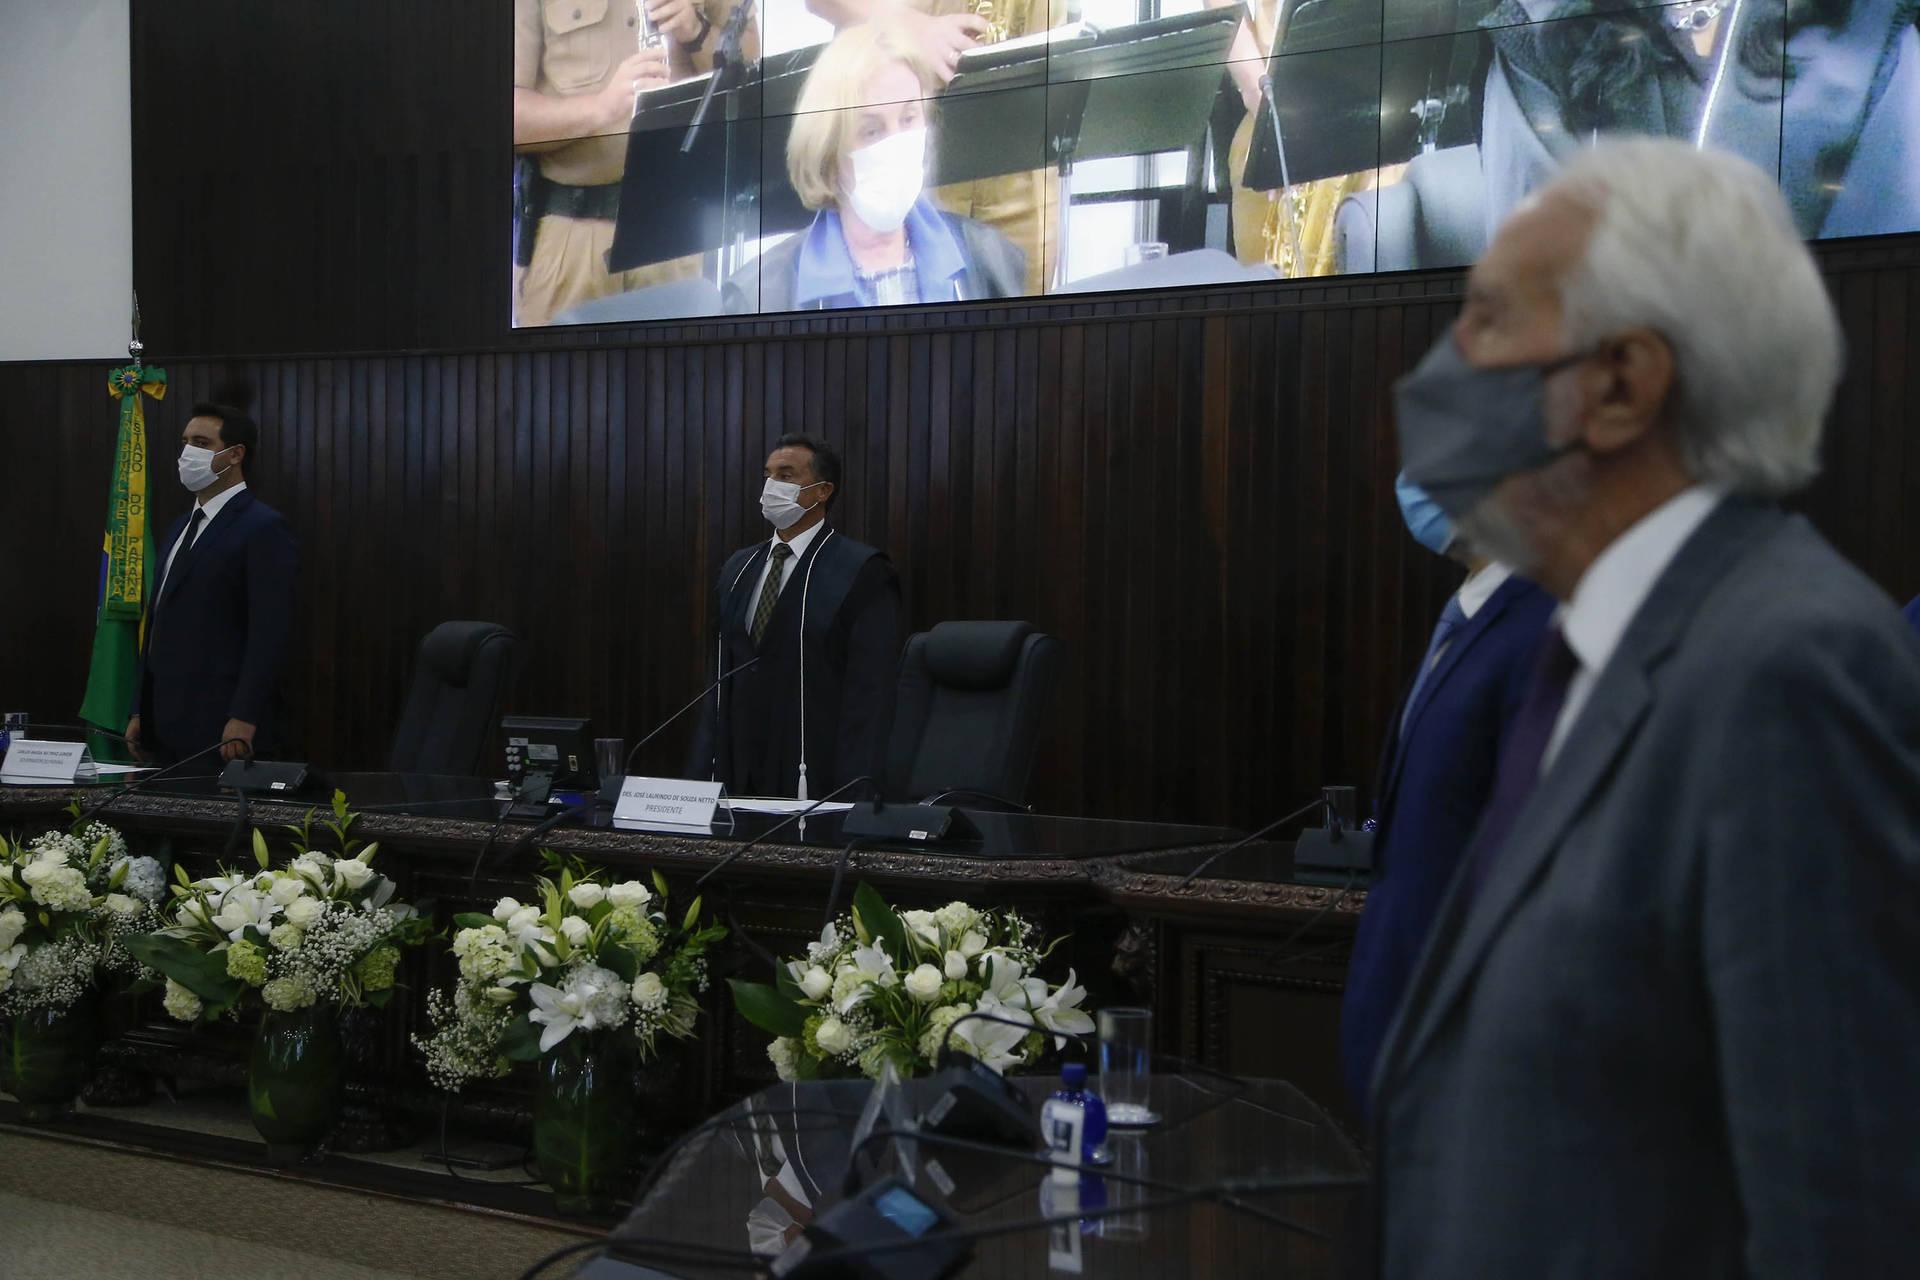 Na posse da cúpula do TJ, governador destaca parceria durante a pandemia